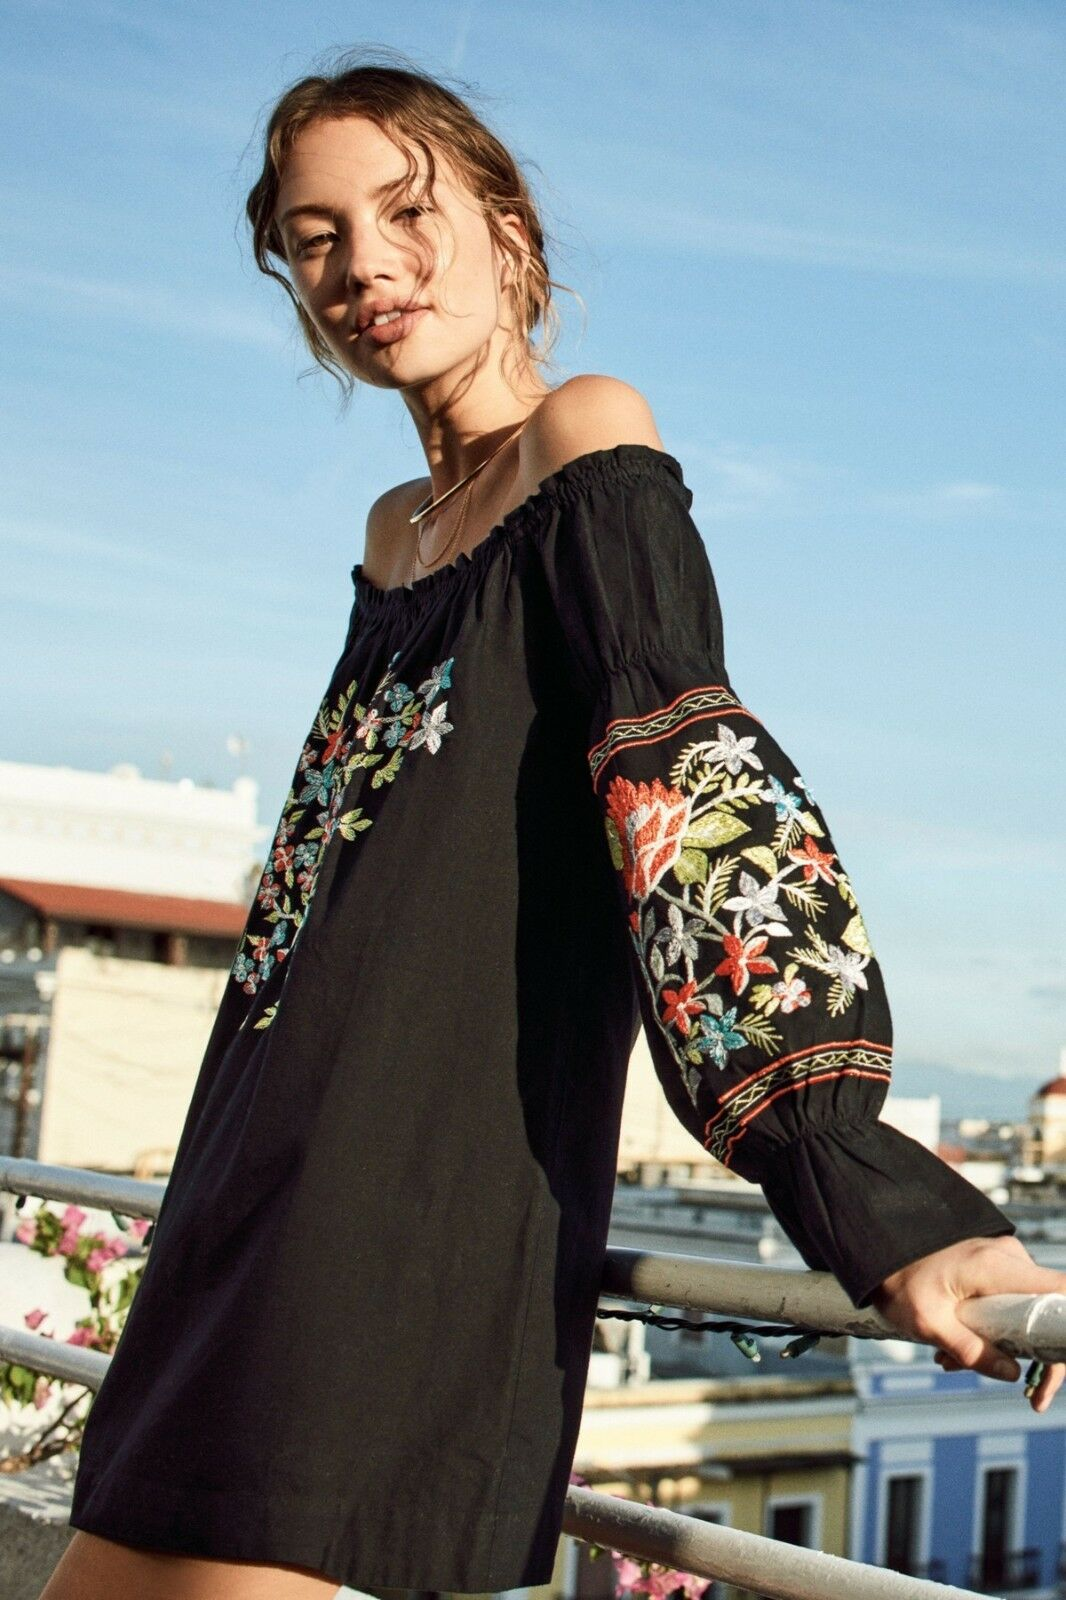 Nwt Freie Menschen Szs Blaume Du Jour Aus-Die-Schulter Stickerei Kleid Schwarz